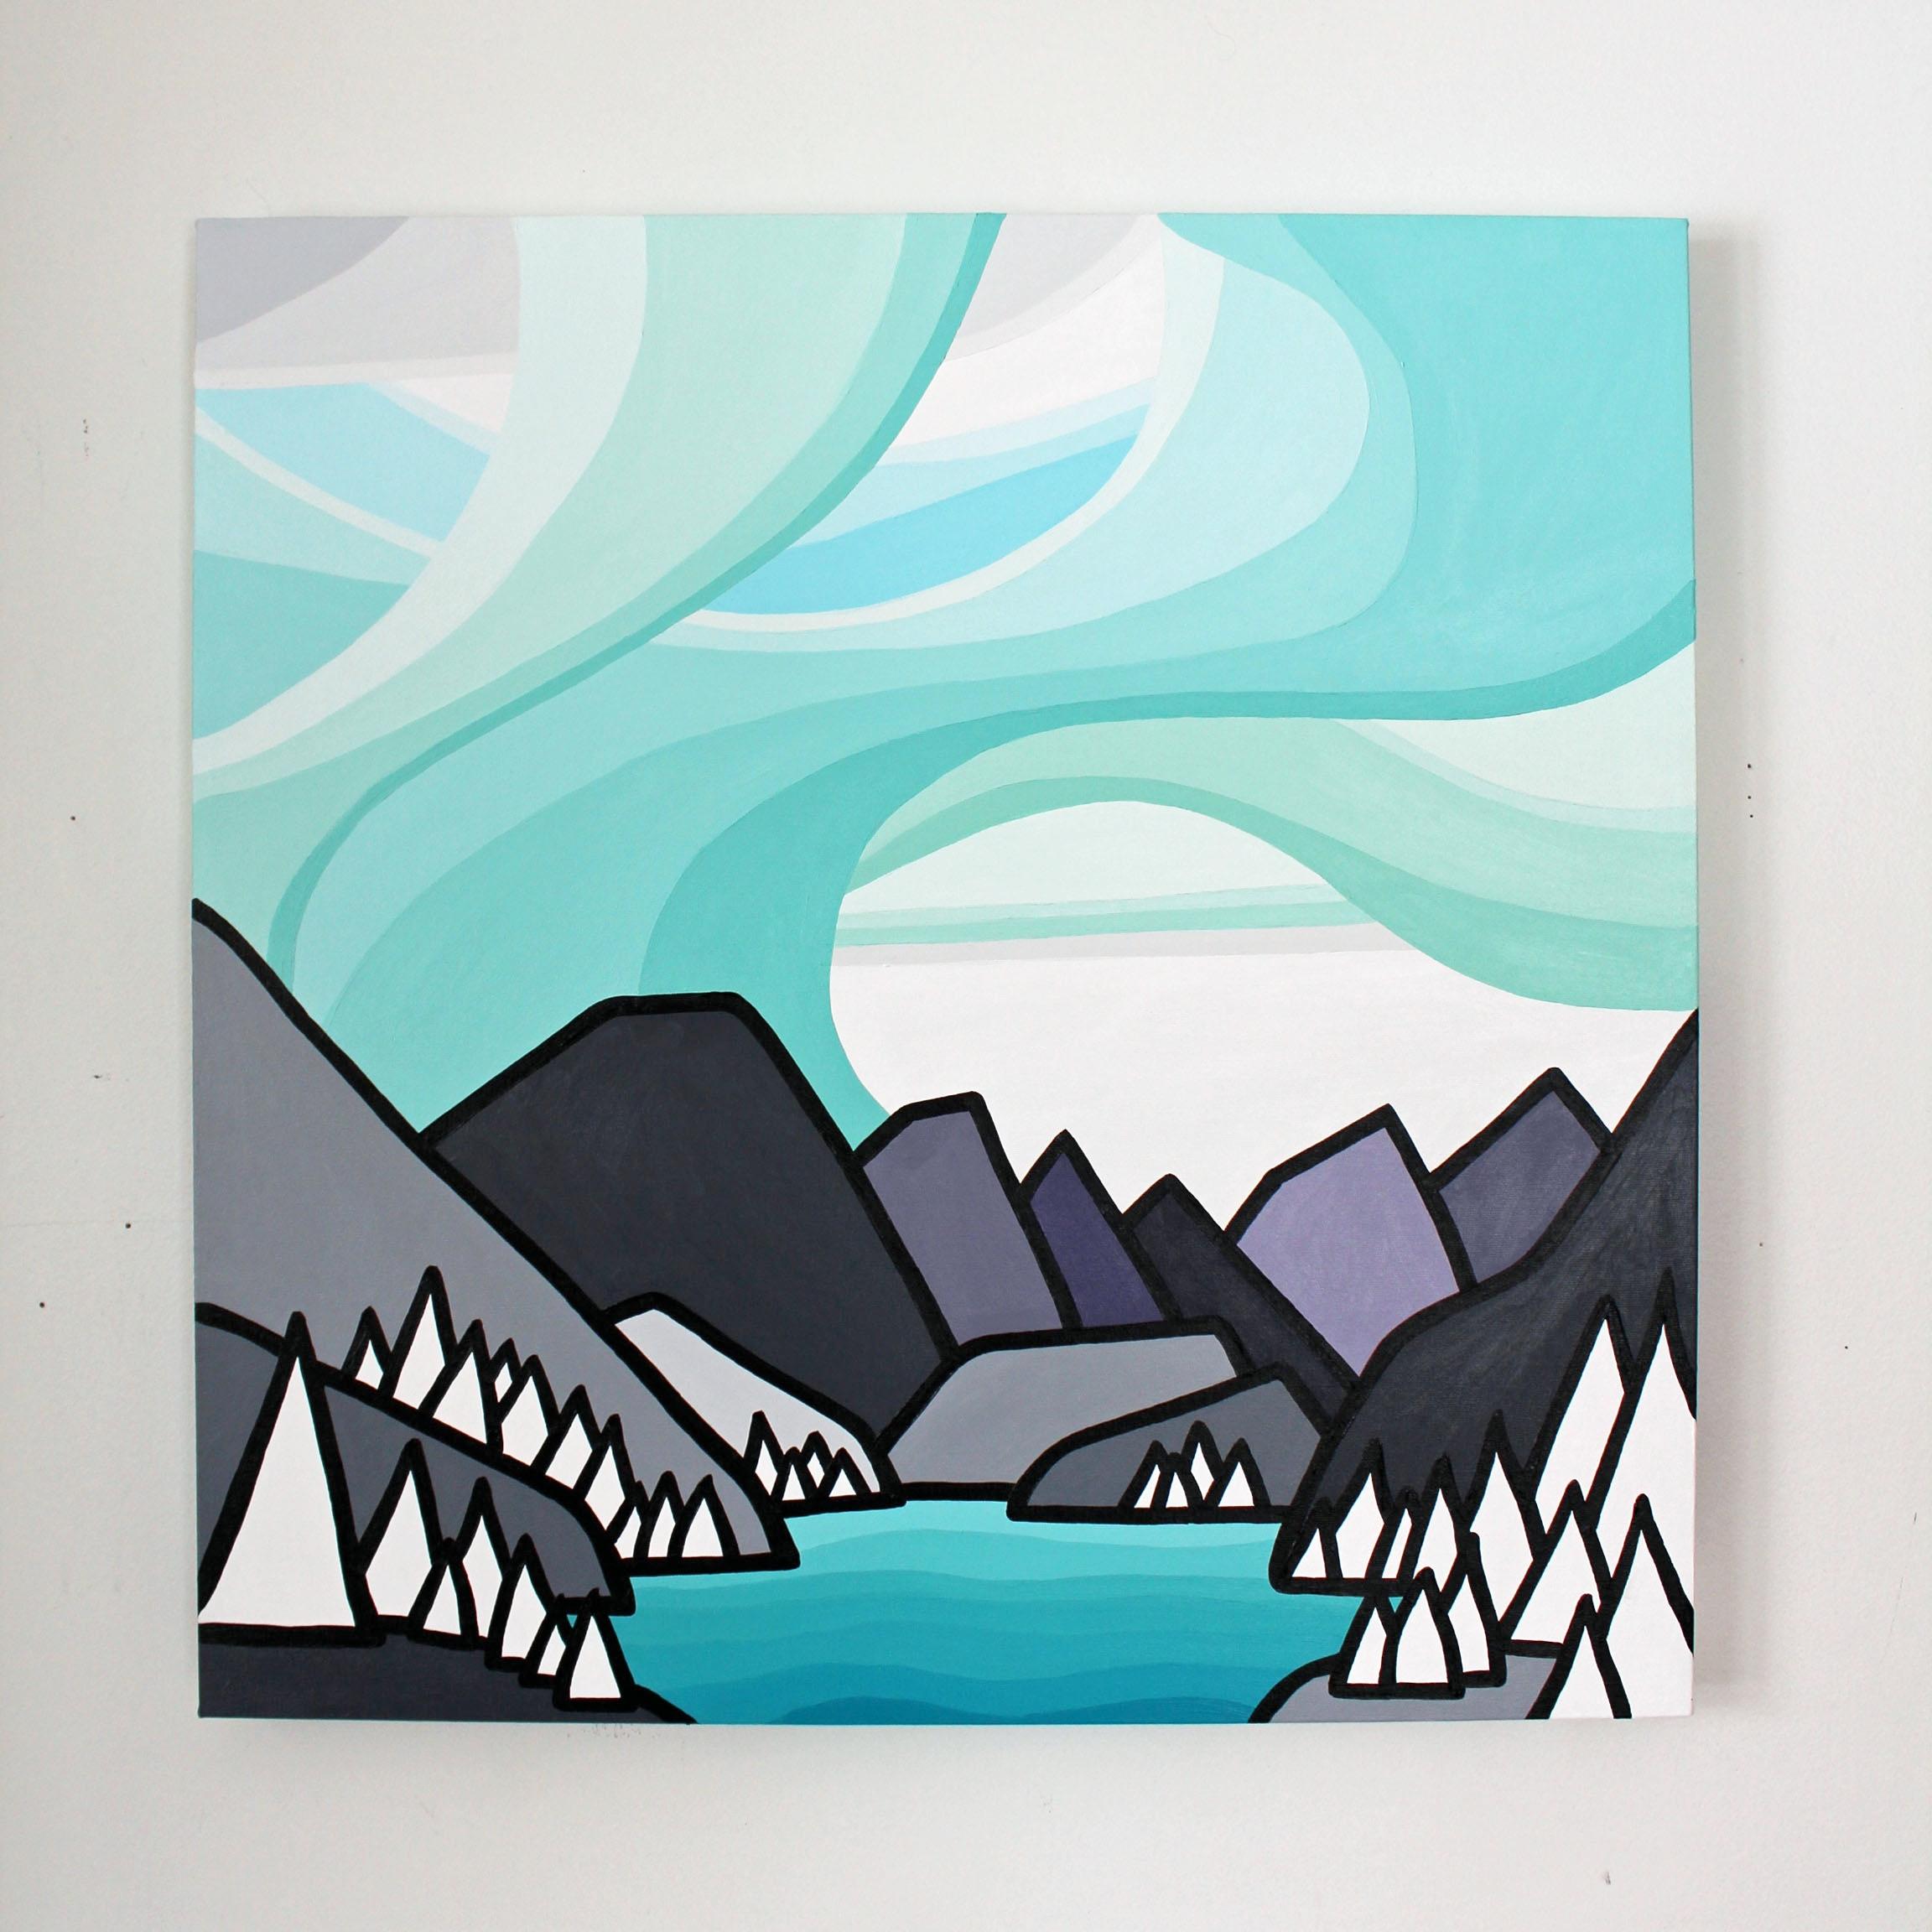 That Mountain Lake - Size: 24